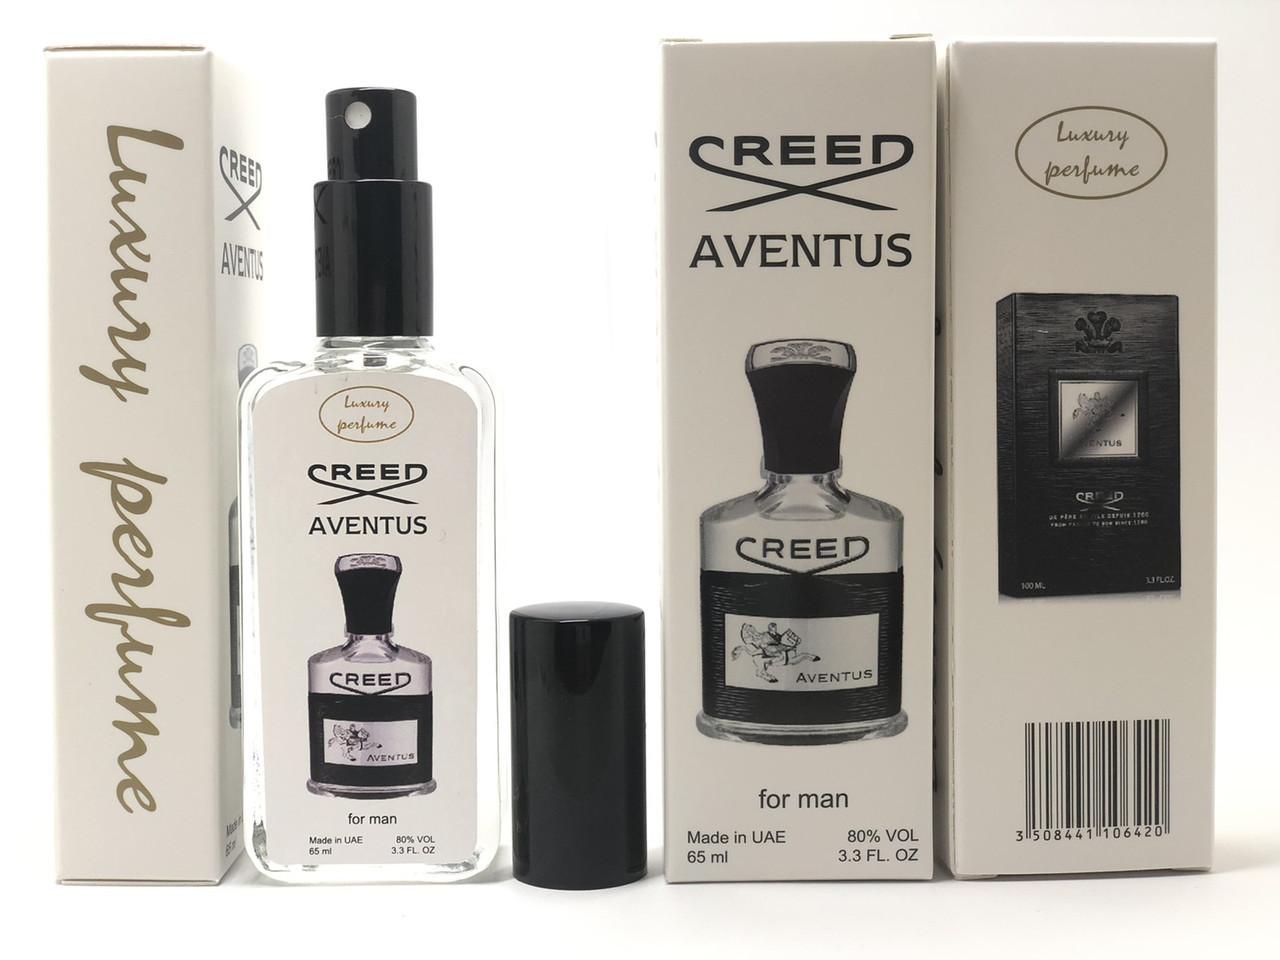 Мужская парфюмерия производства ОАЭ Luxury Perfume Creed Aventus тестер 65 ml (реплика)